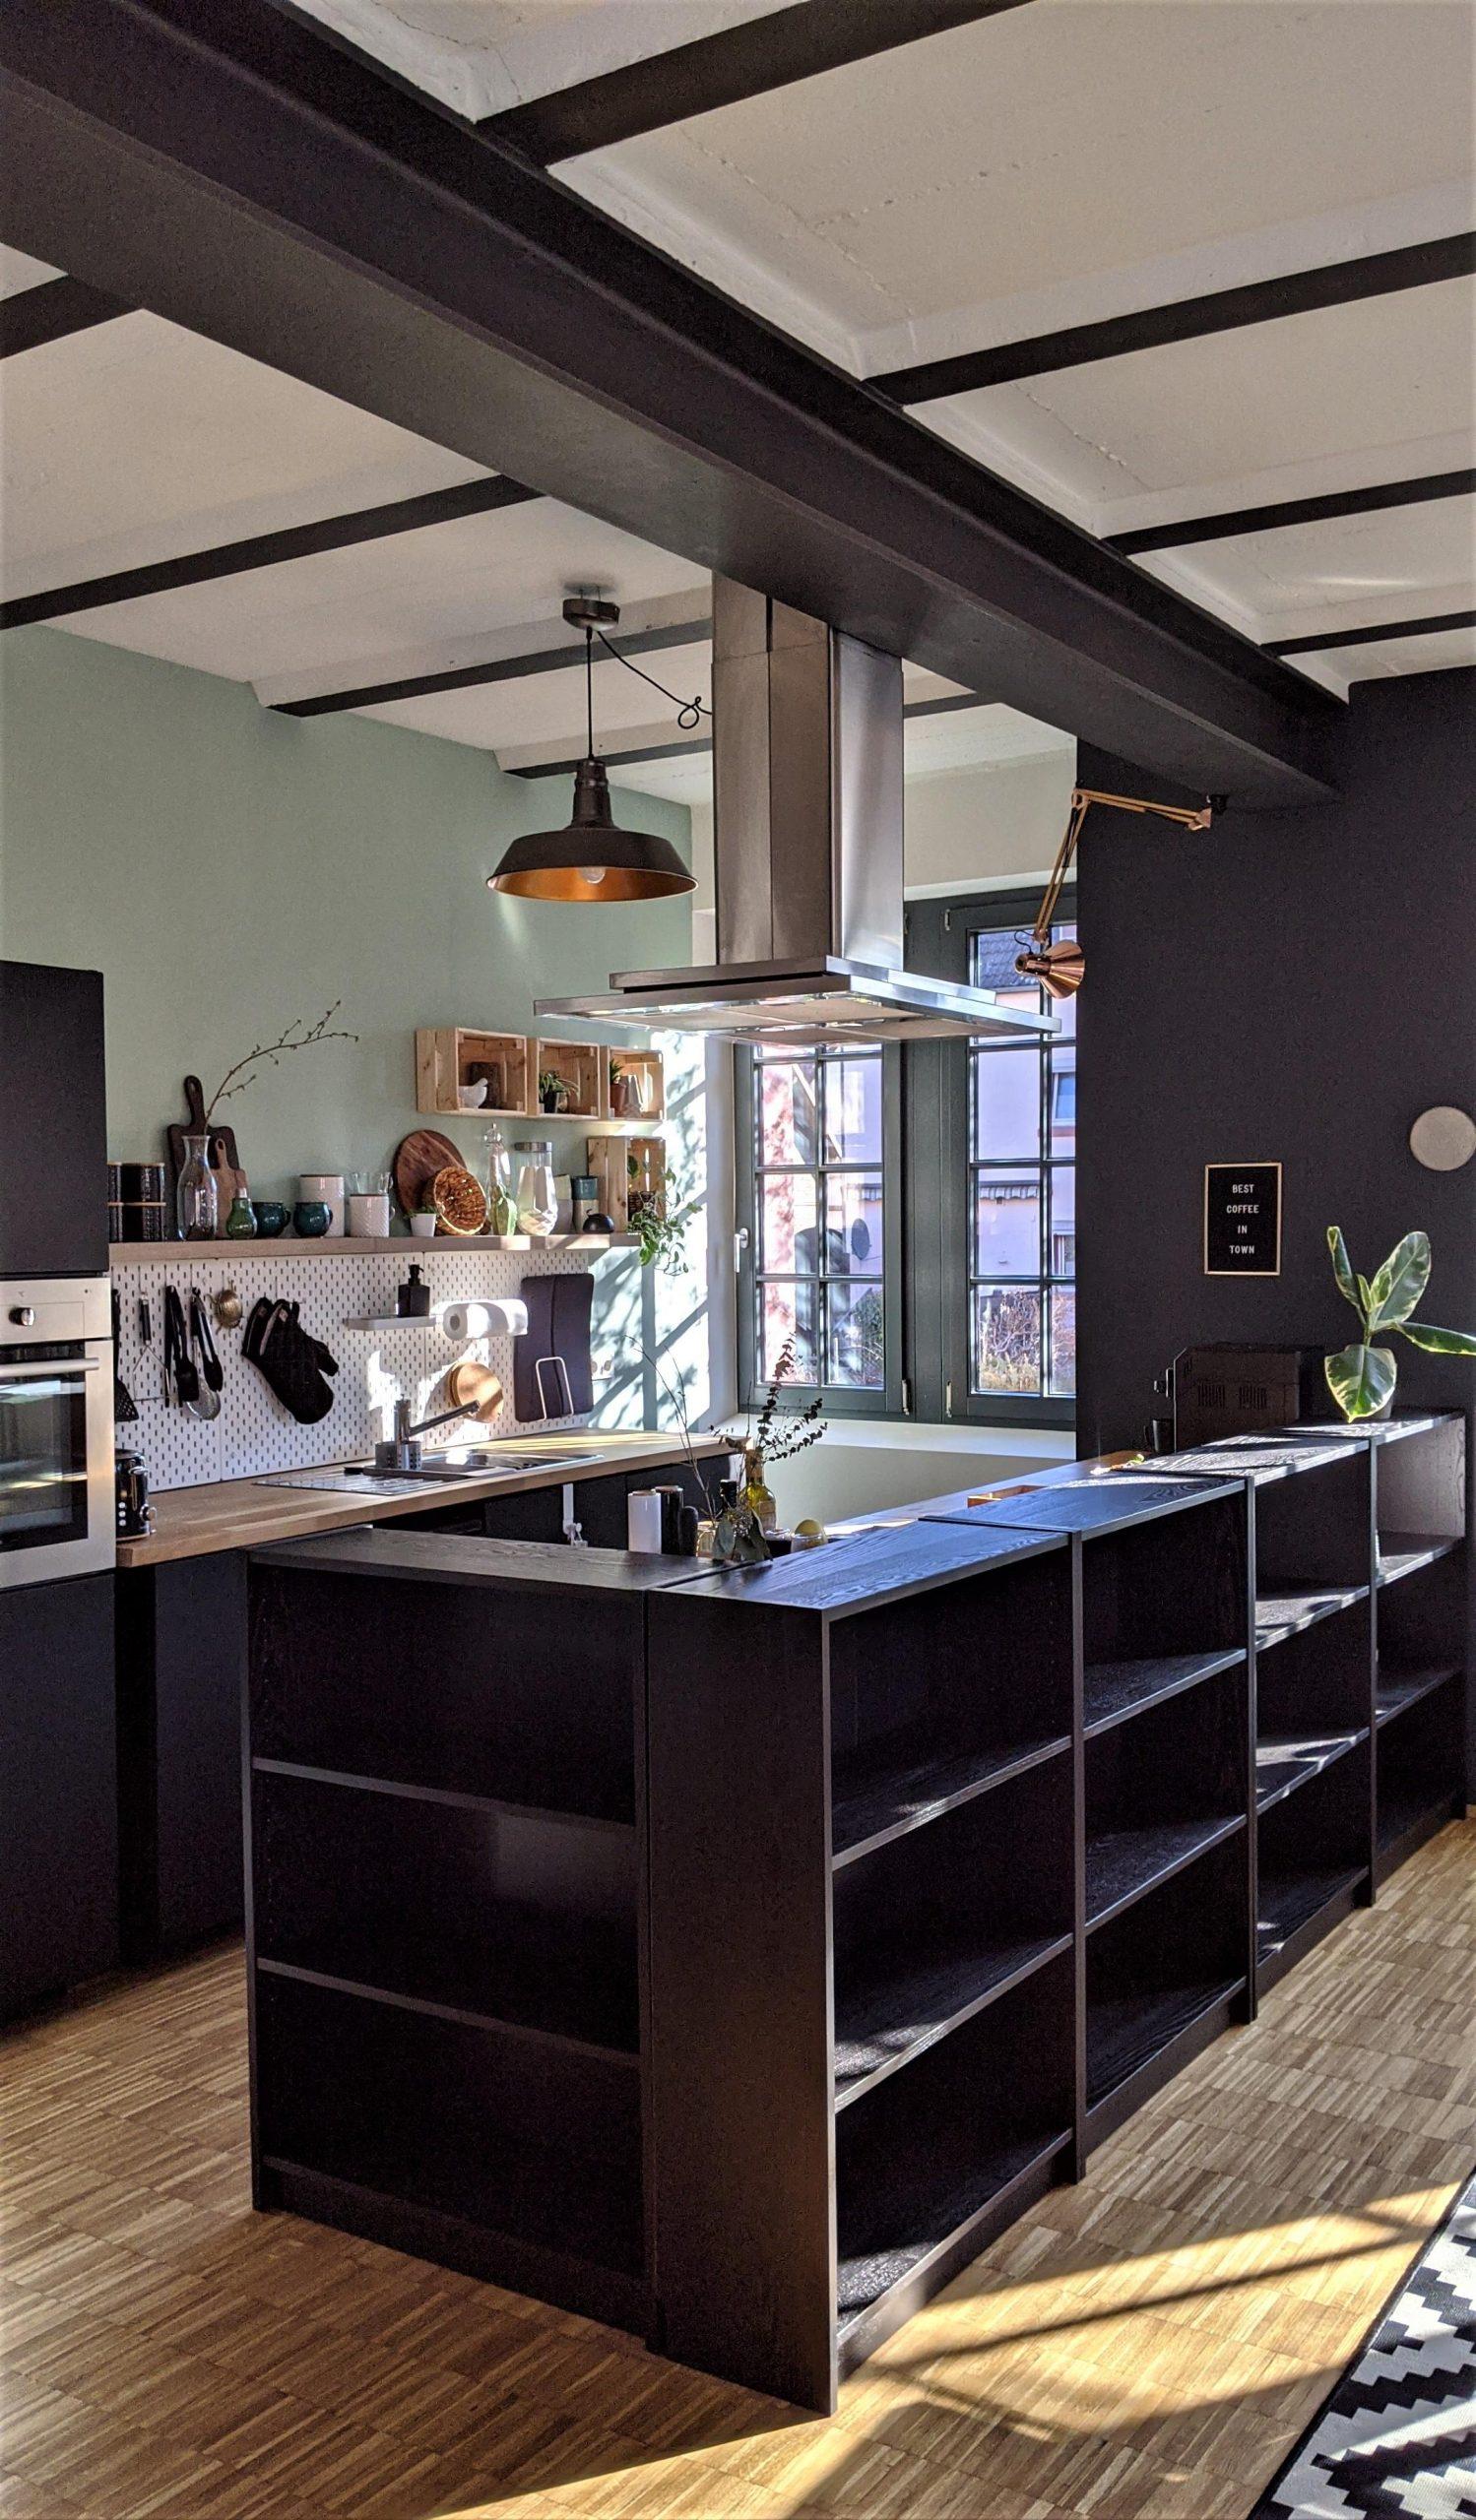 Full Size of Ikea Hacks Küche So Machst Du Deine Mbel Zu Einzelstcken Einbauküche Nobilia Pendelleuchte Fliesenspiegel Glas Hängeschränke Singleküche Mit Kühlschrank Wohnzimmer Ikea Hacks Küche